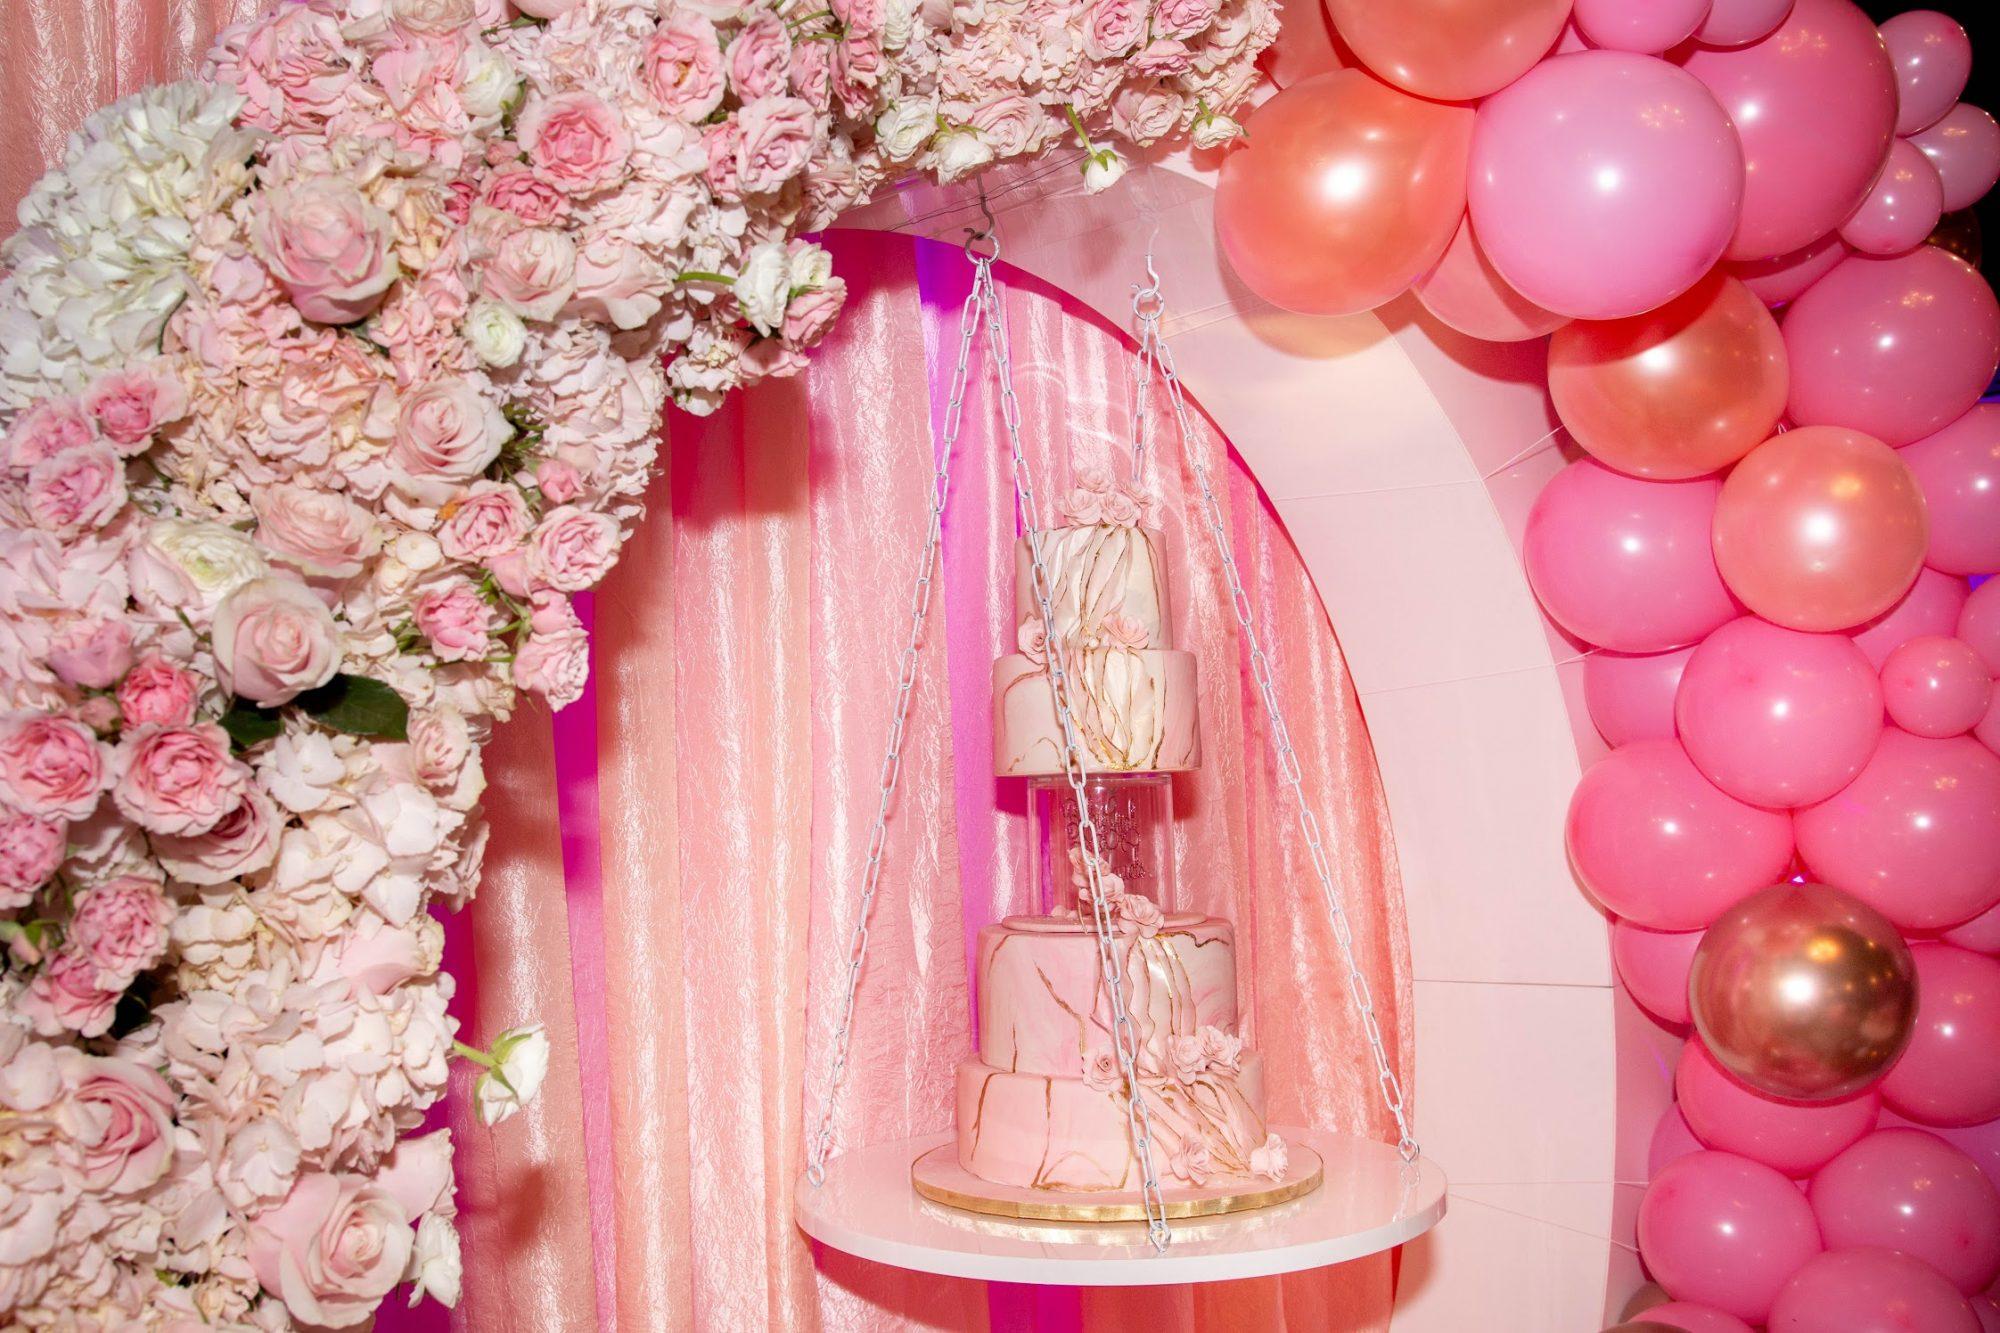 erica-mena-baby-shower-cake.jpg